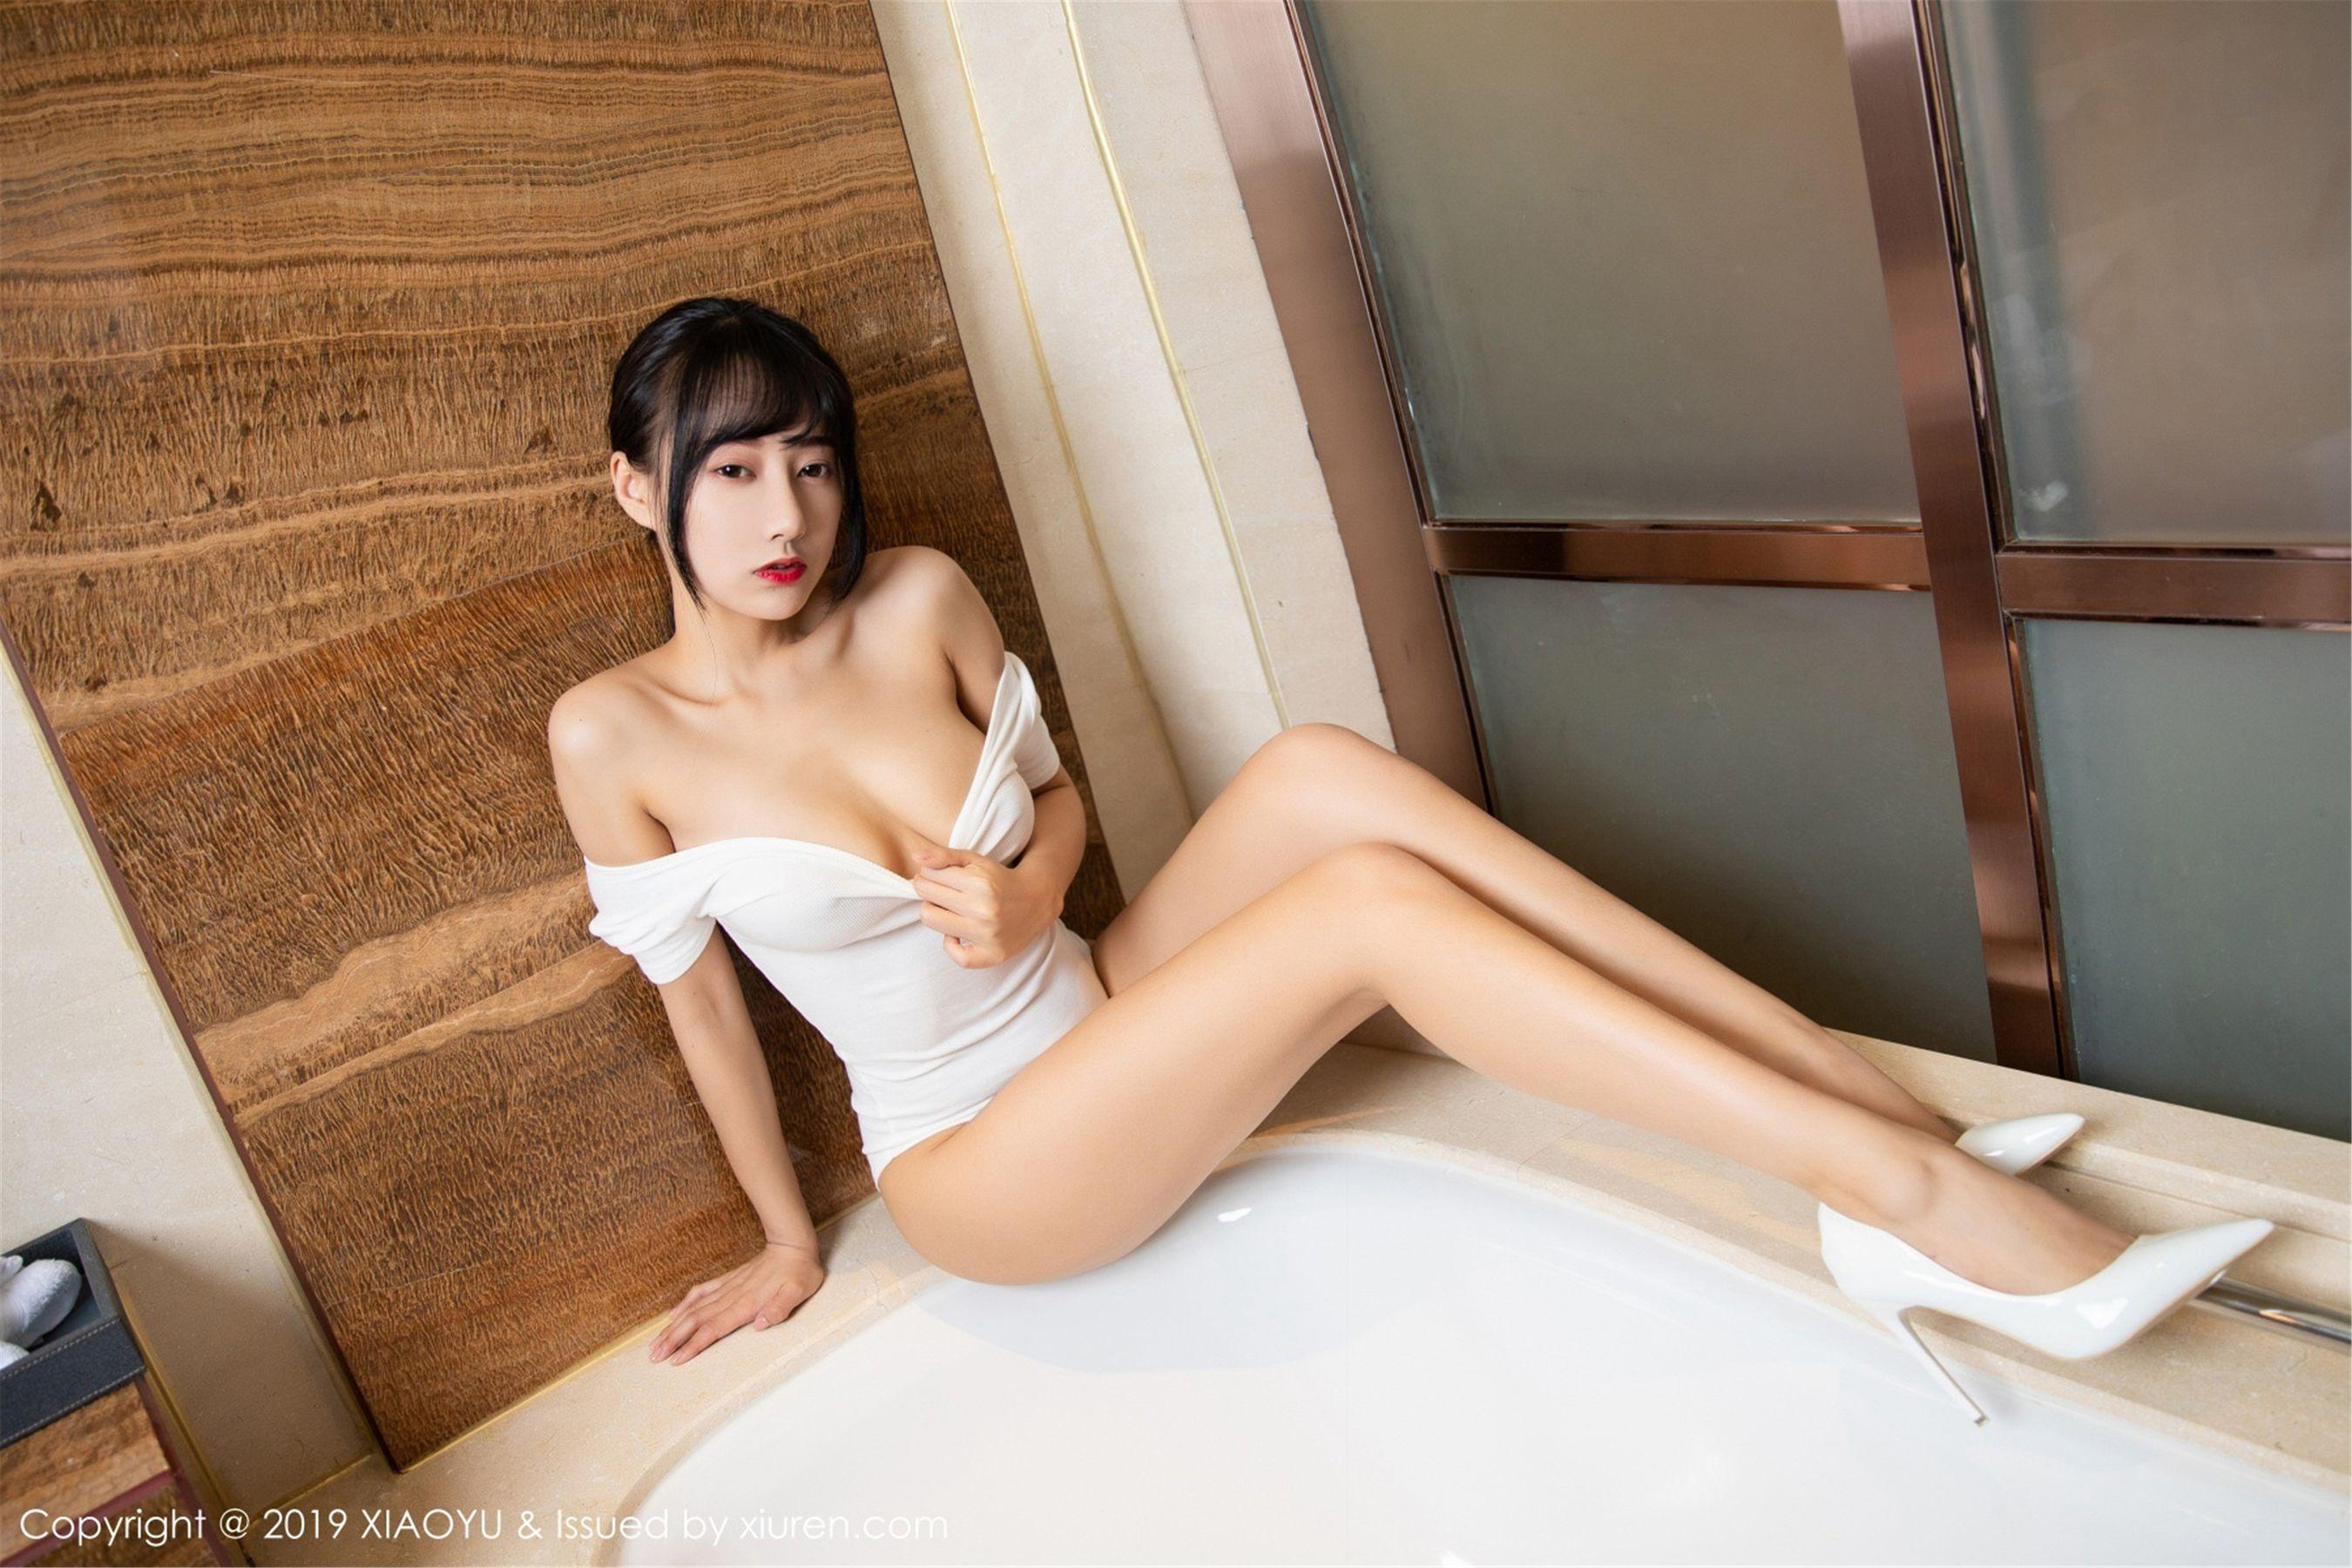 福利美图 | 何嘉颖性感浴室真空吊带